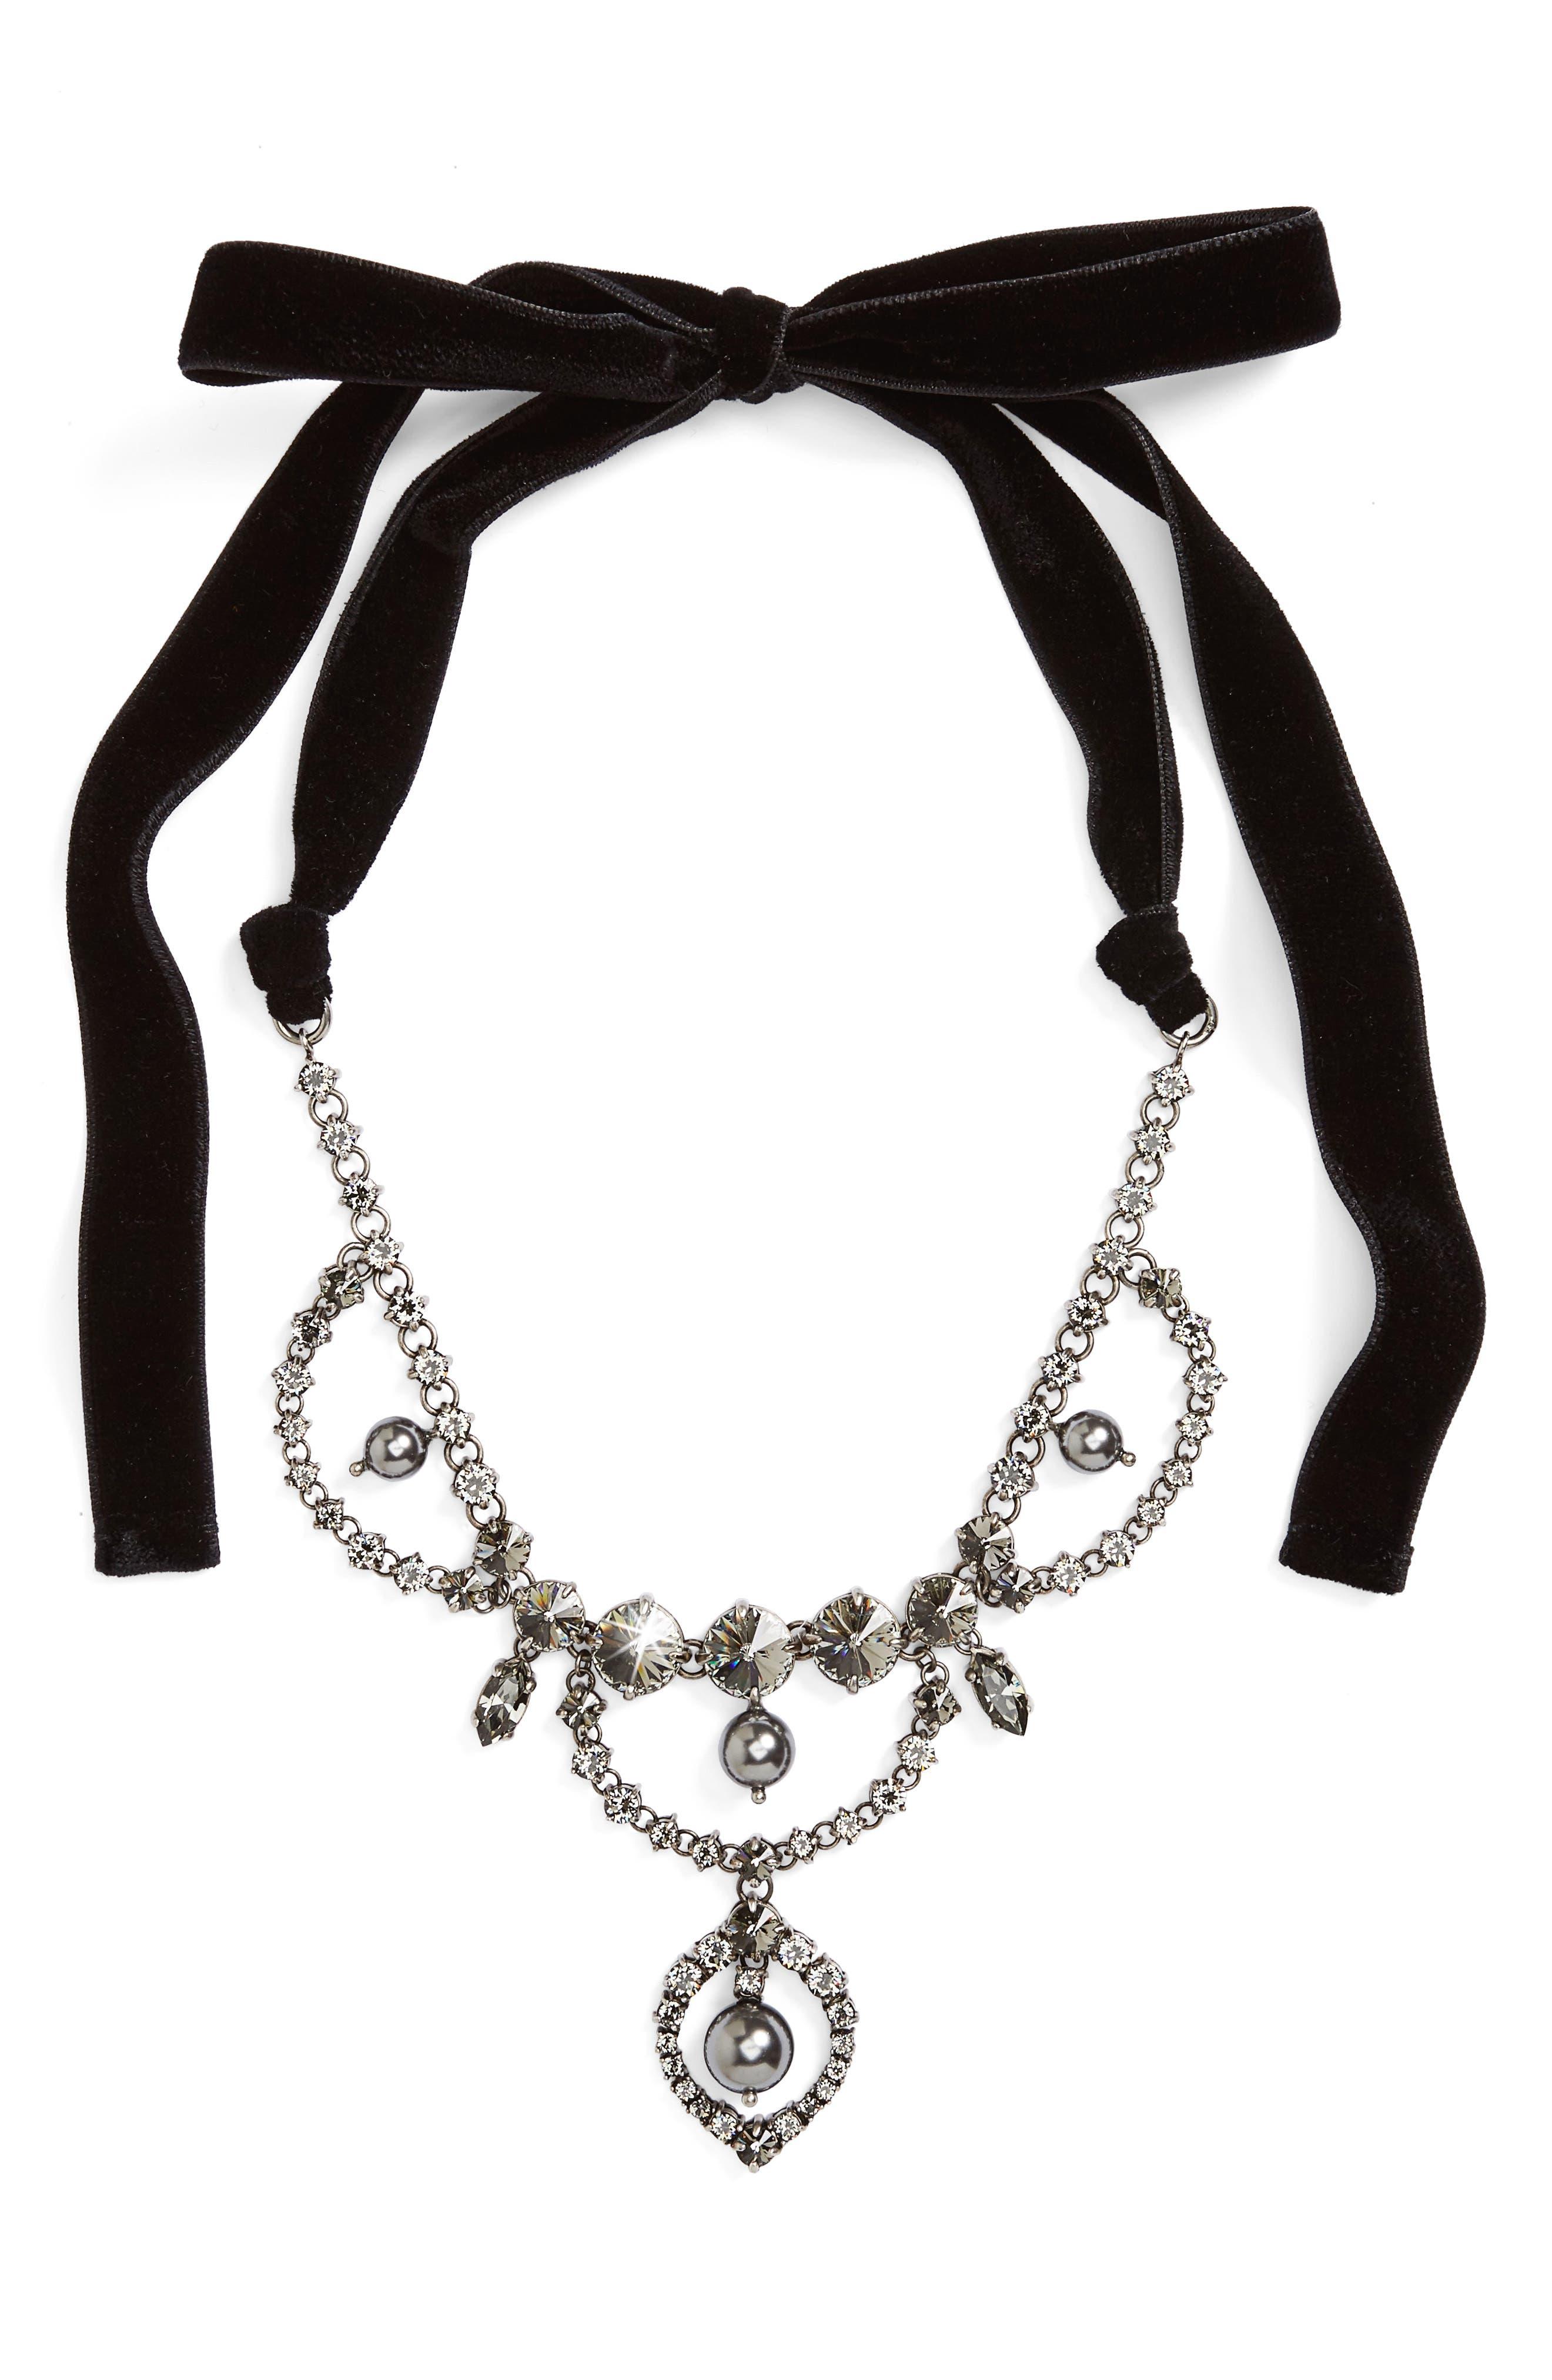 Miu Miu Fume Imitation Pearl & Ribbon Statement Necklace